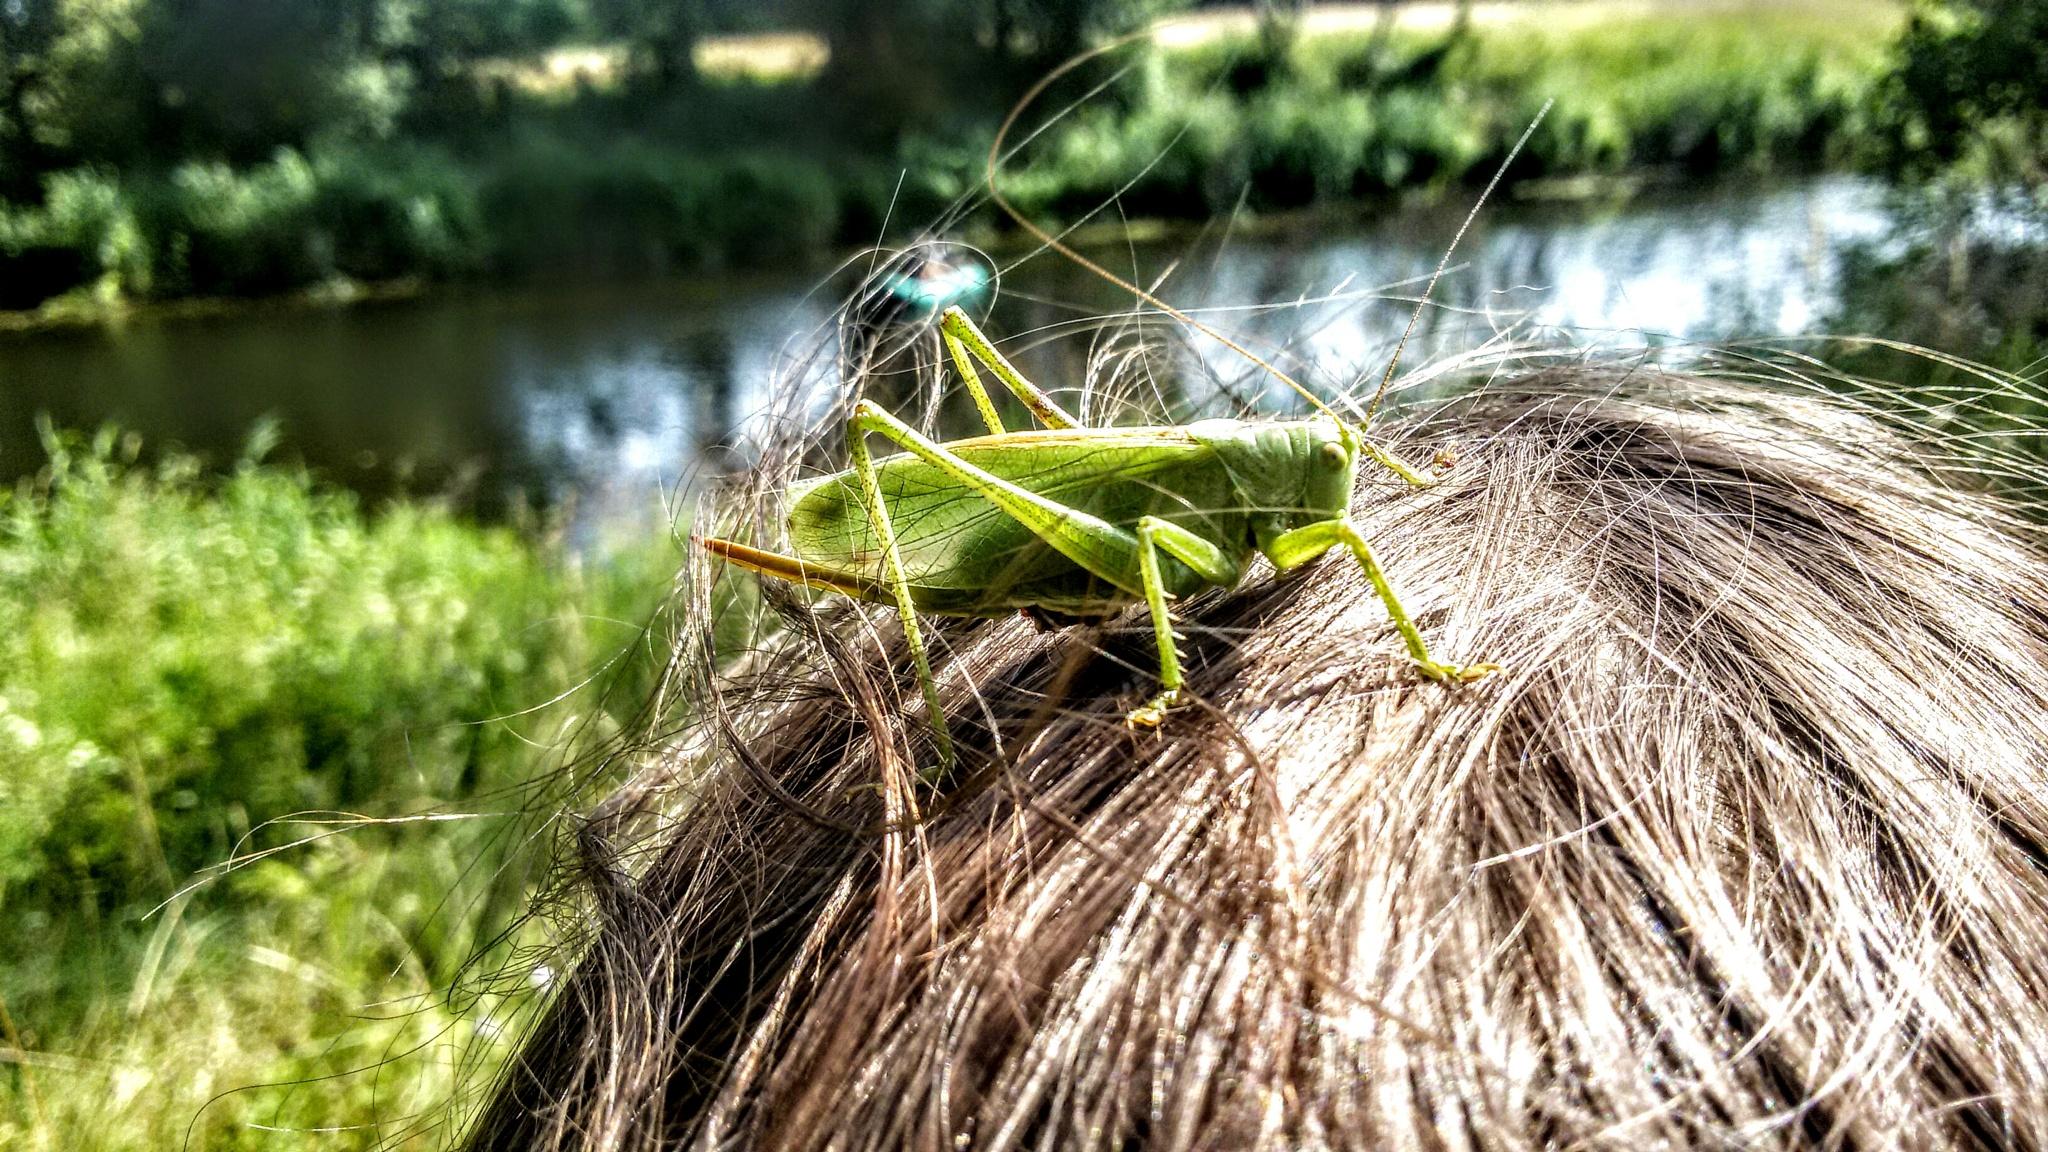 Grasshopper by uzkuraitiene62